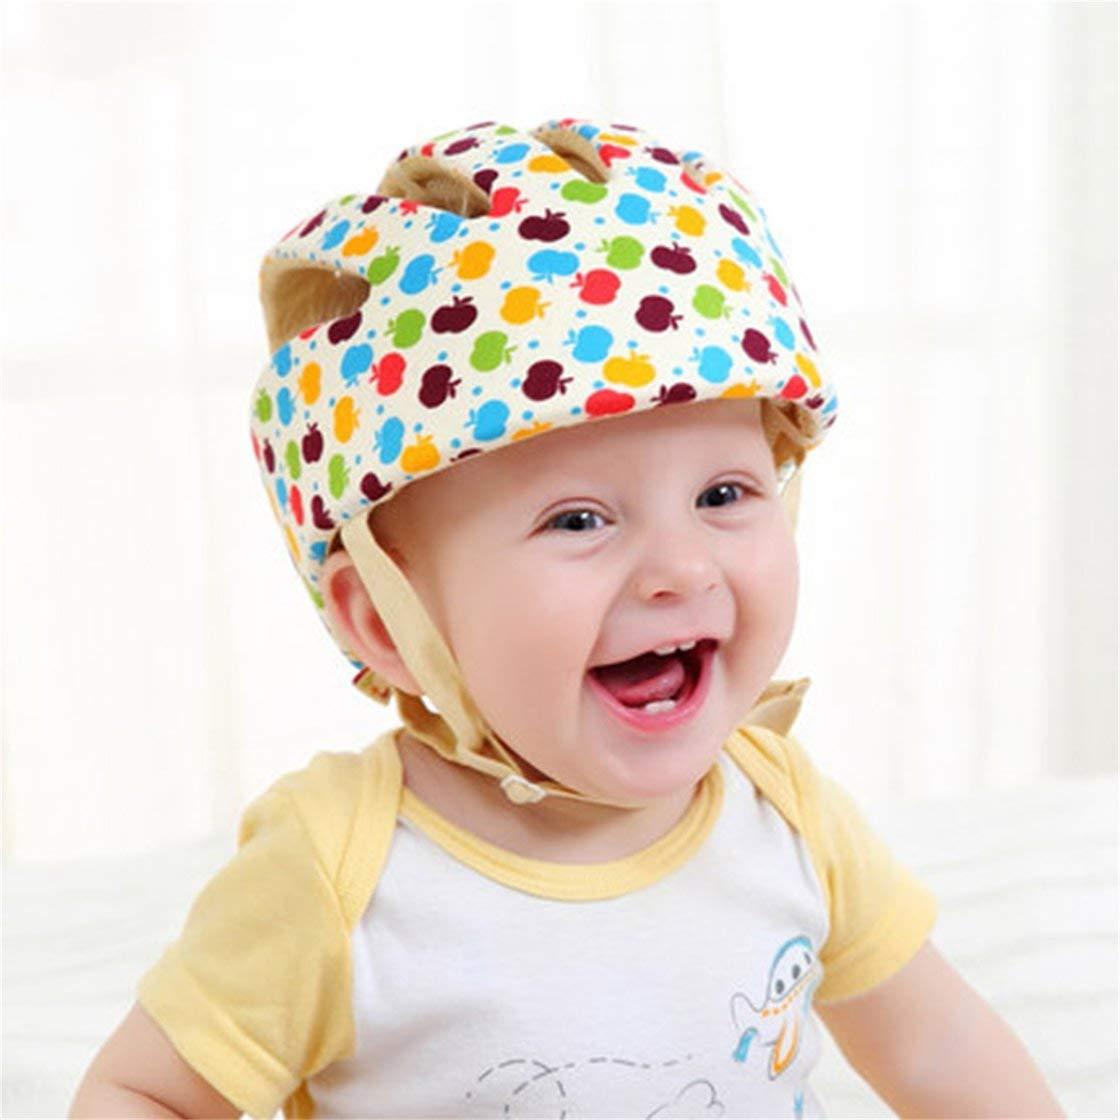 Laurelmartina Cascos de Seguridad para beb/és Sombrero de protecci/ón Infantil de algod/ón Protector para la Cabeza para reci/én Nacidos Ni/ños Ni/ñas Sombrero antichoque a Prueba de choques